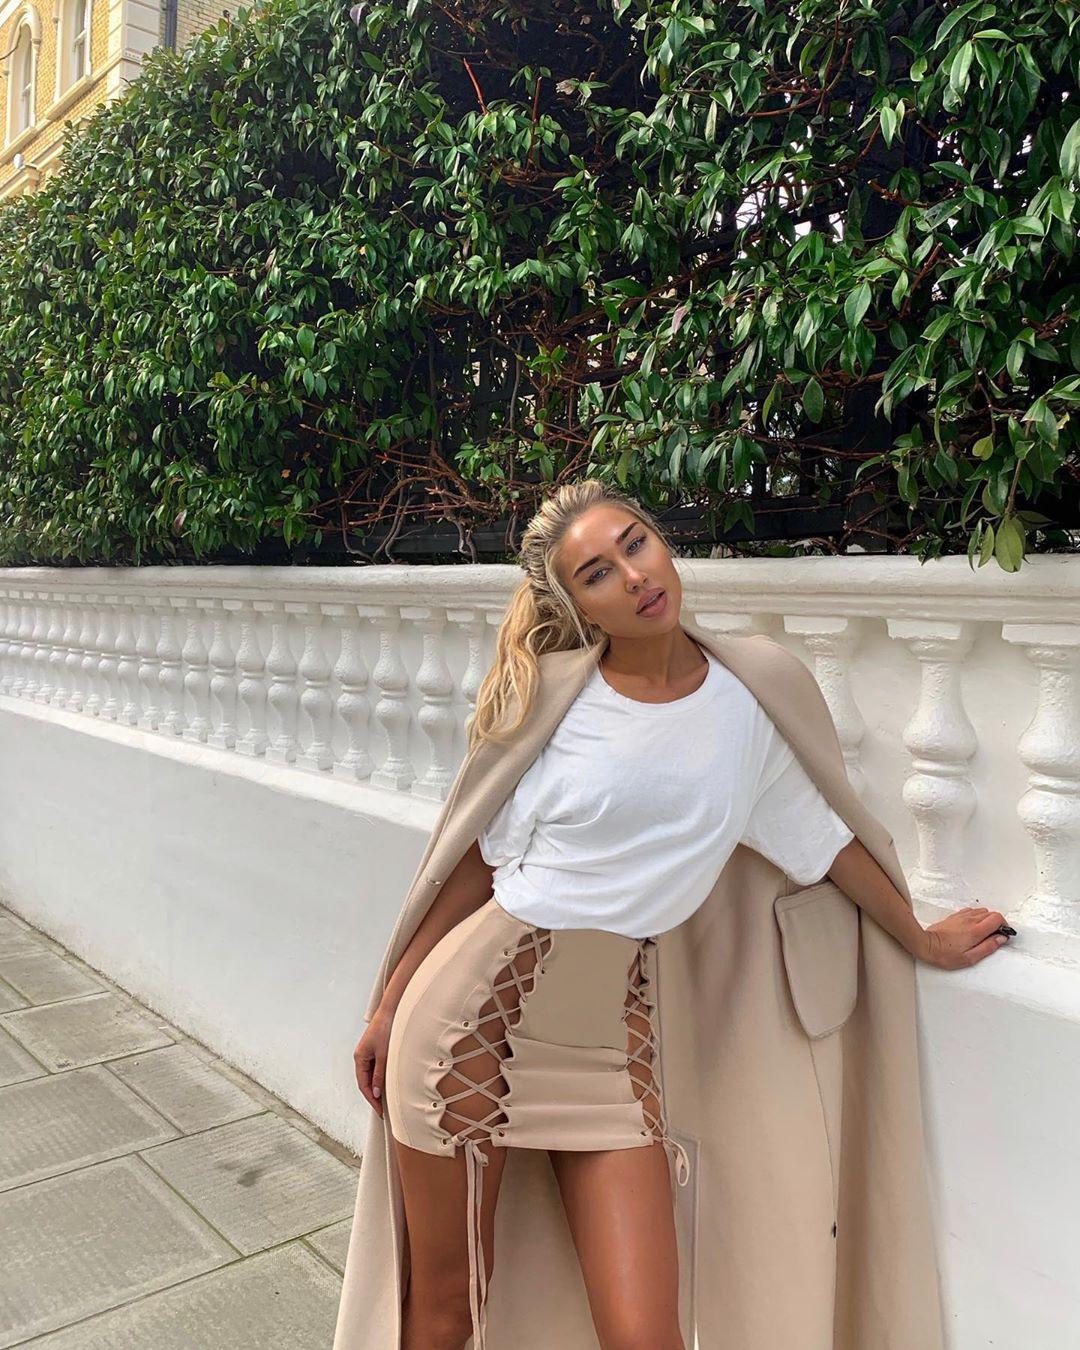 Anna Mathilda girls instagram photos, hot legs picture, attire ideas